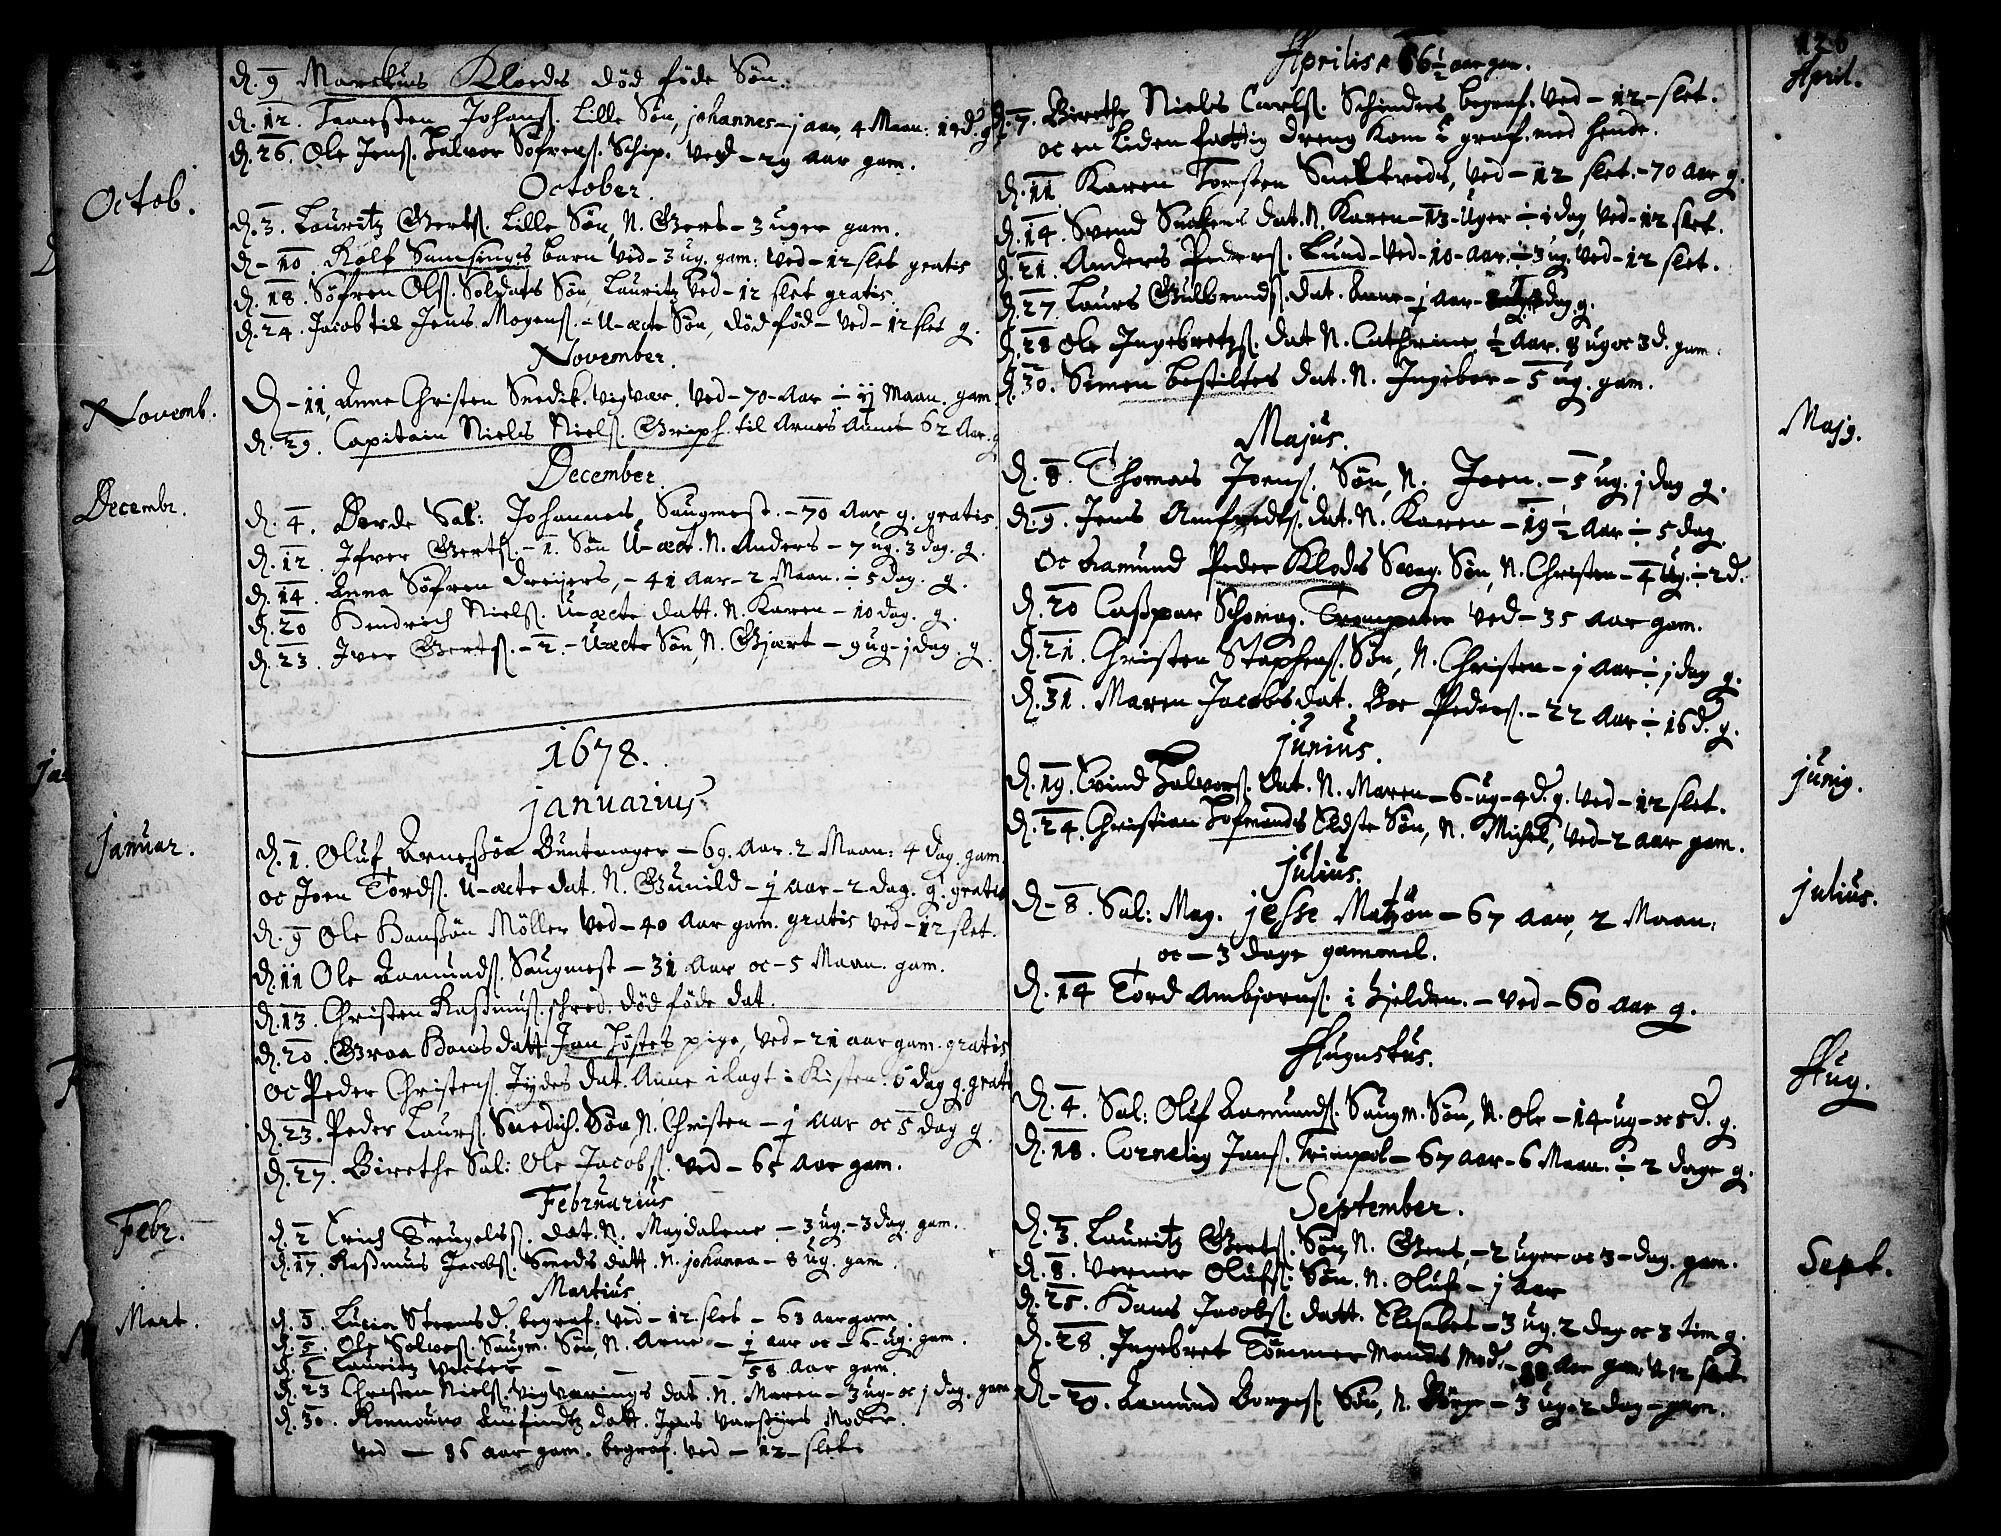 SAKO, Skien kirkebøker, F/Fa/L0001: Ministerialbok nr. 1, 1659-1679, s. 126